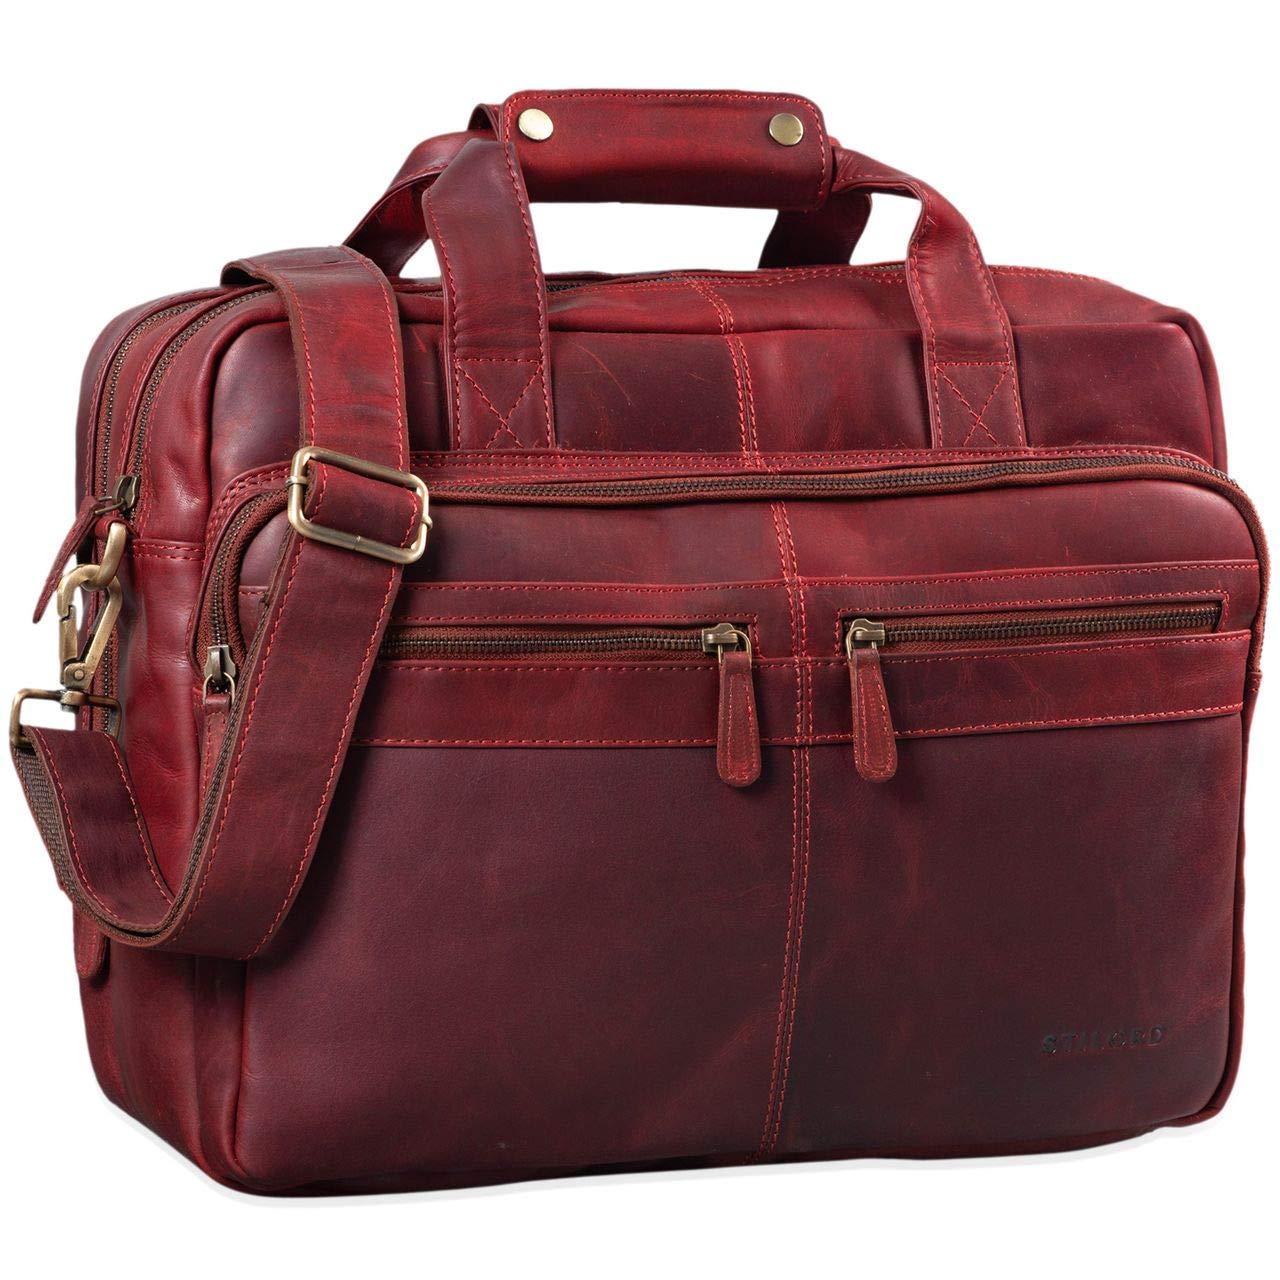 STILORD 'Explorer' Lehrertasche Leder Herren Damen Aktentasche Büro Schulter- oder Umhängetasche für Laptop mit Dreifachtrenner Echt Leder Vintage, Farbe:matt - Dunkelbraun